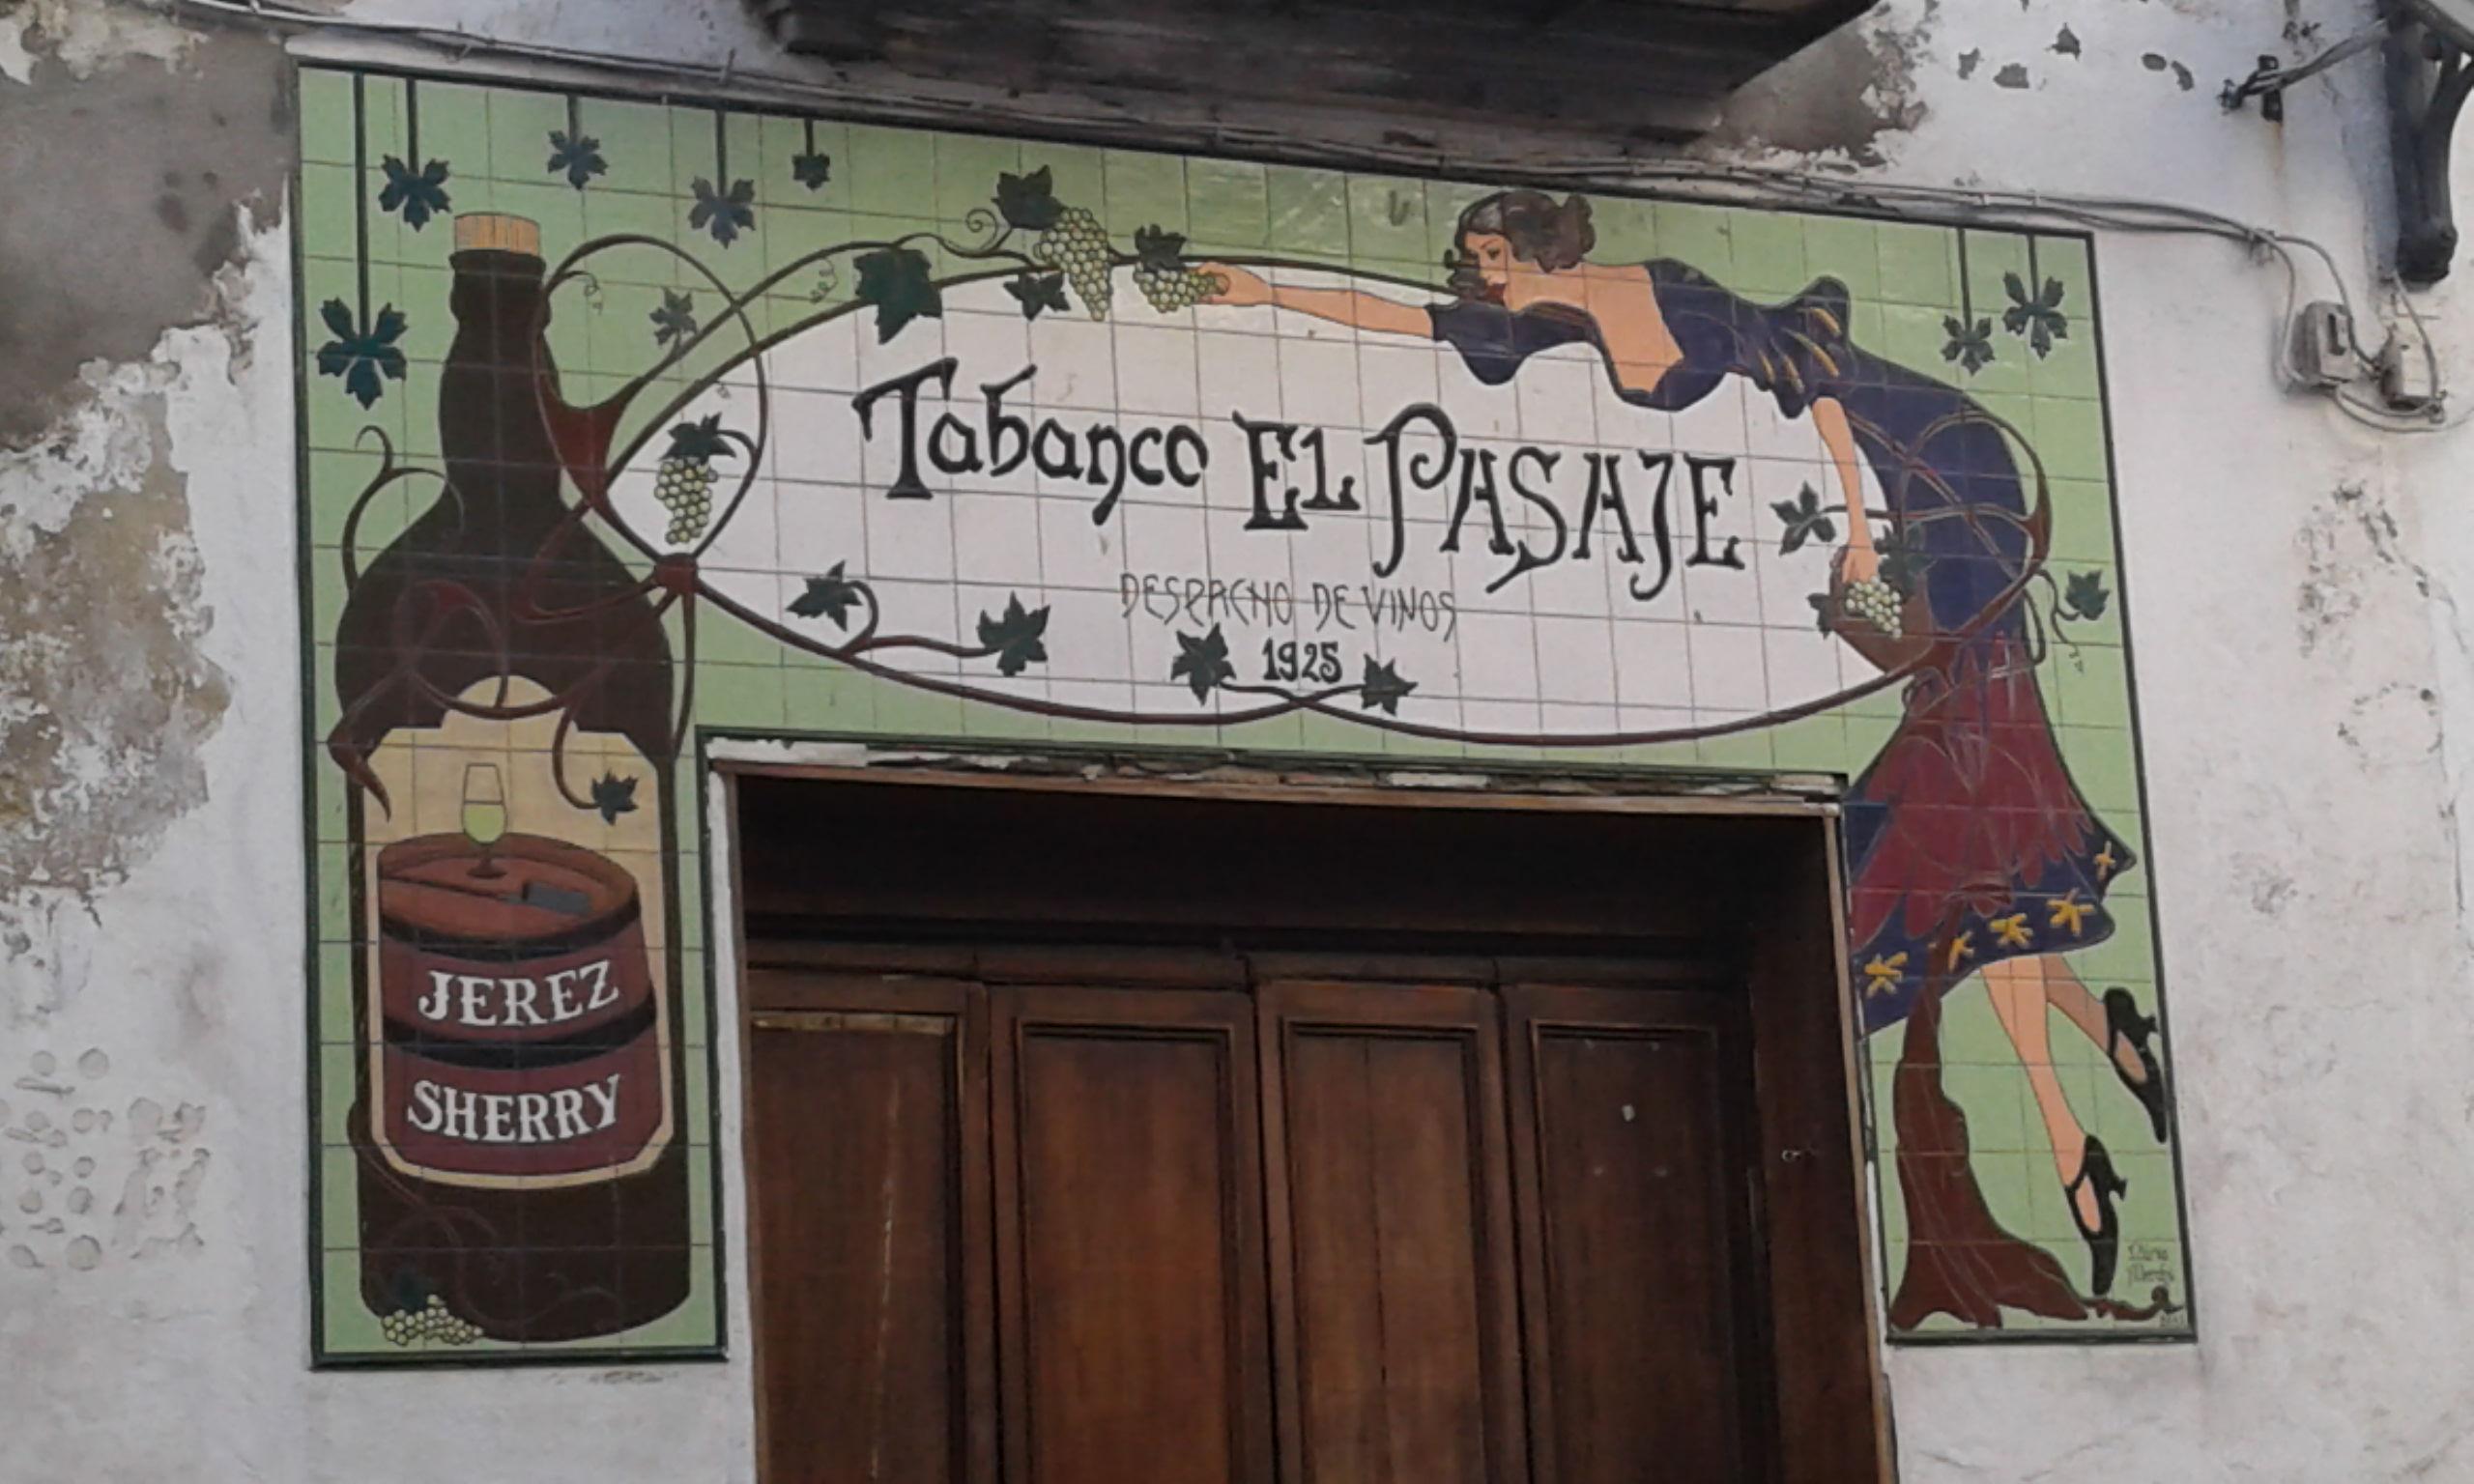 Tabanco